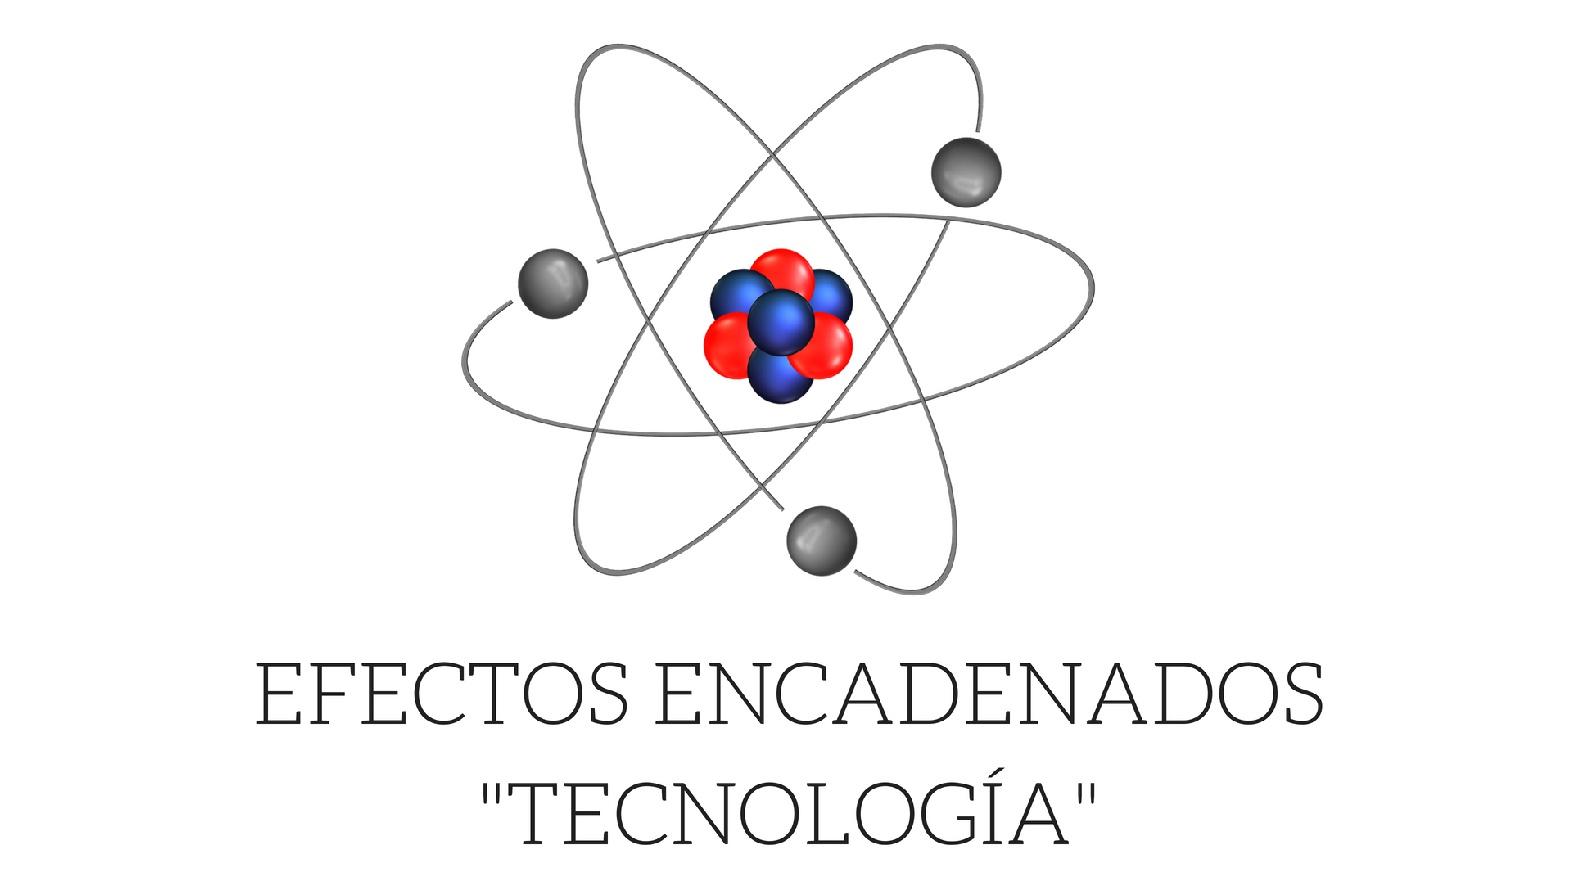 EFECTOS ENCADENADOS